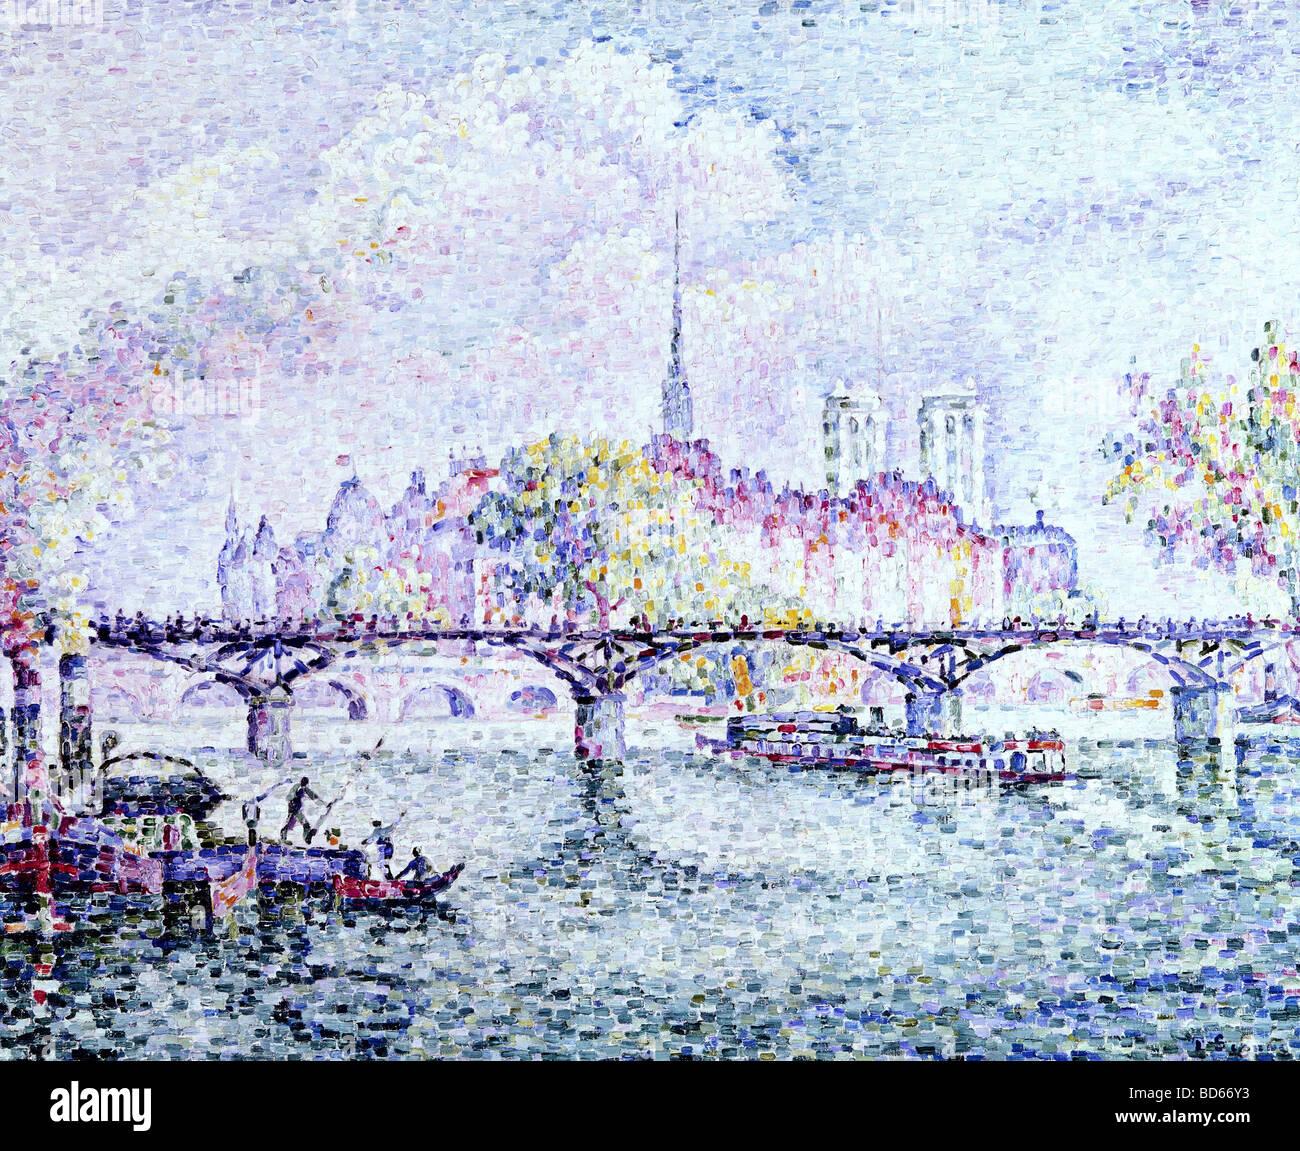 Beaux-arts, Signac, Paul, (1863 - 1935), peinture, 'Paris, Ile de la Cite', 1912, huile sur toile, Musée Folkwang, Banque D'Images